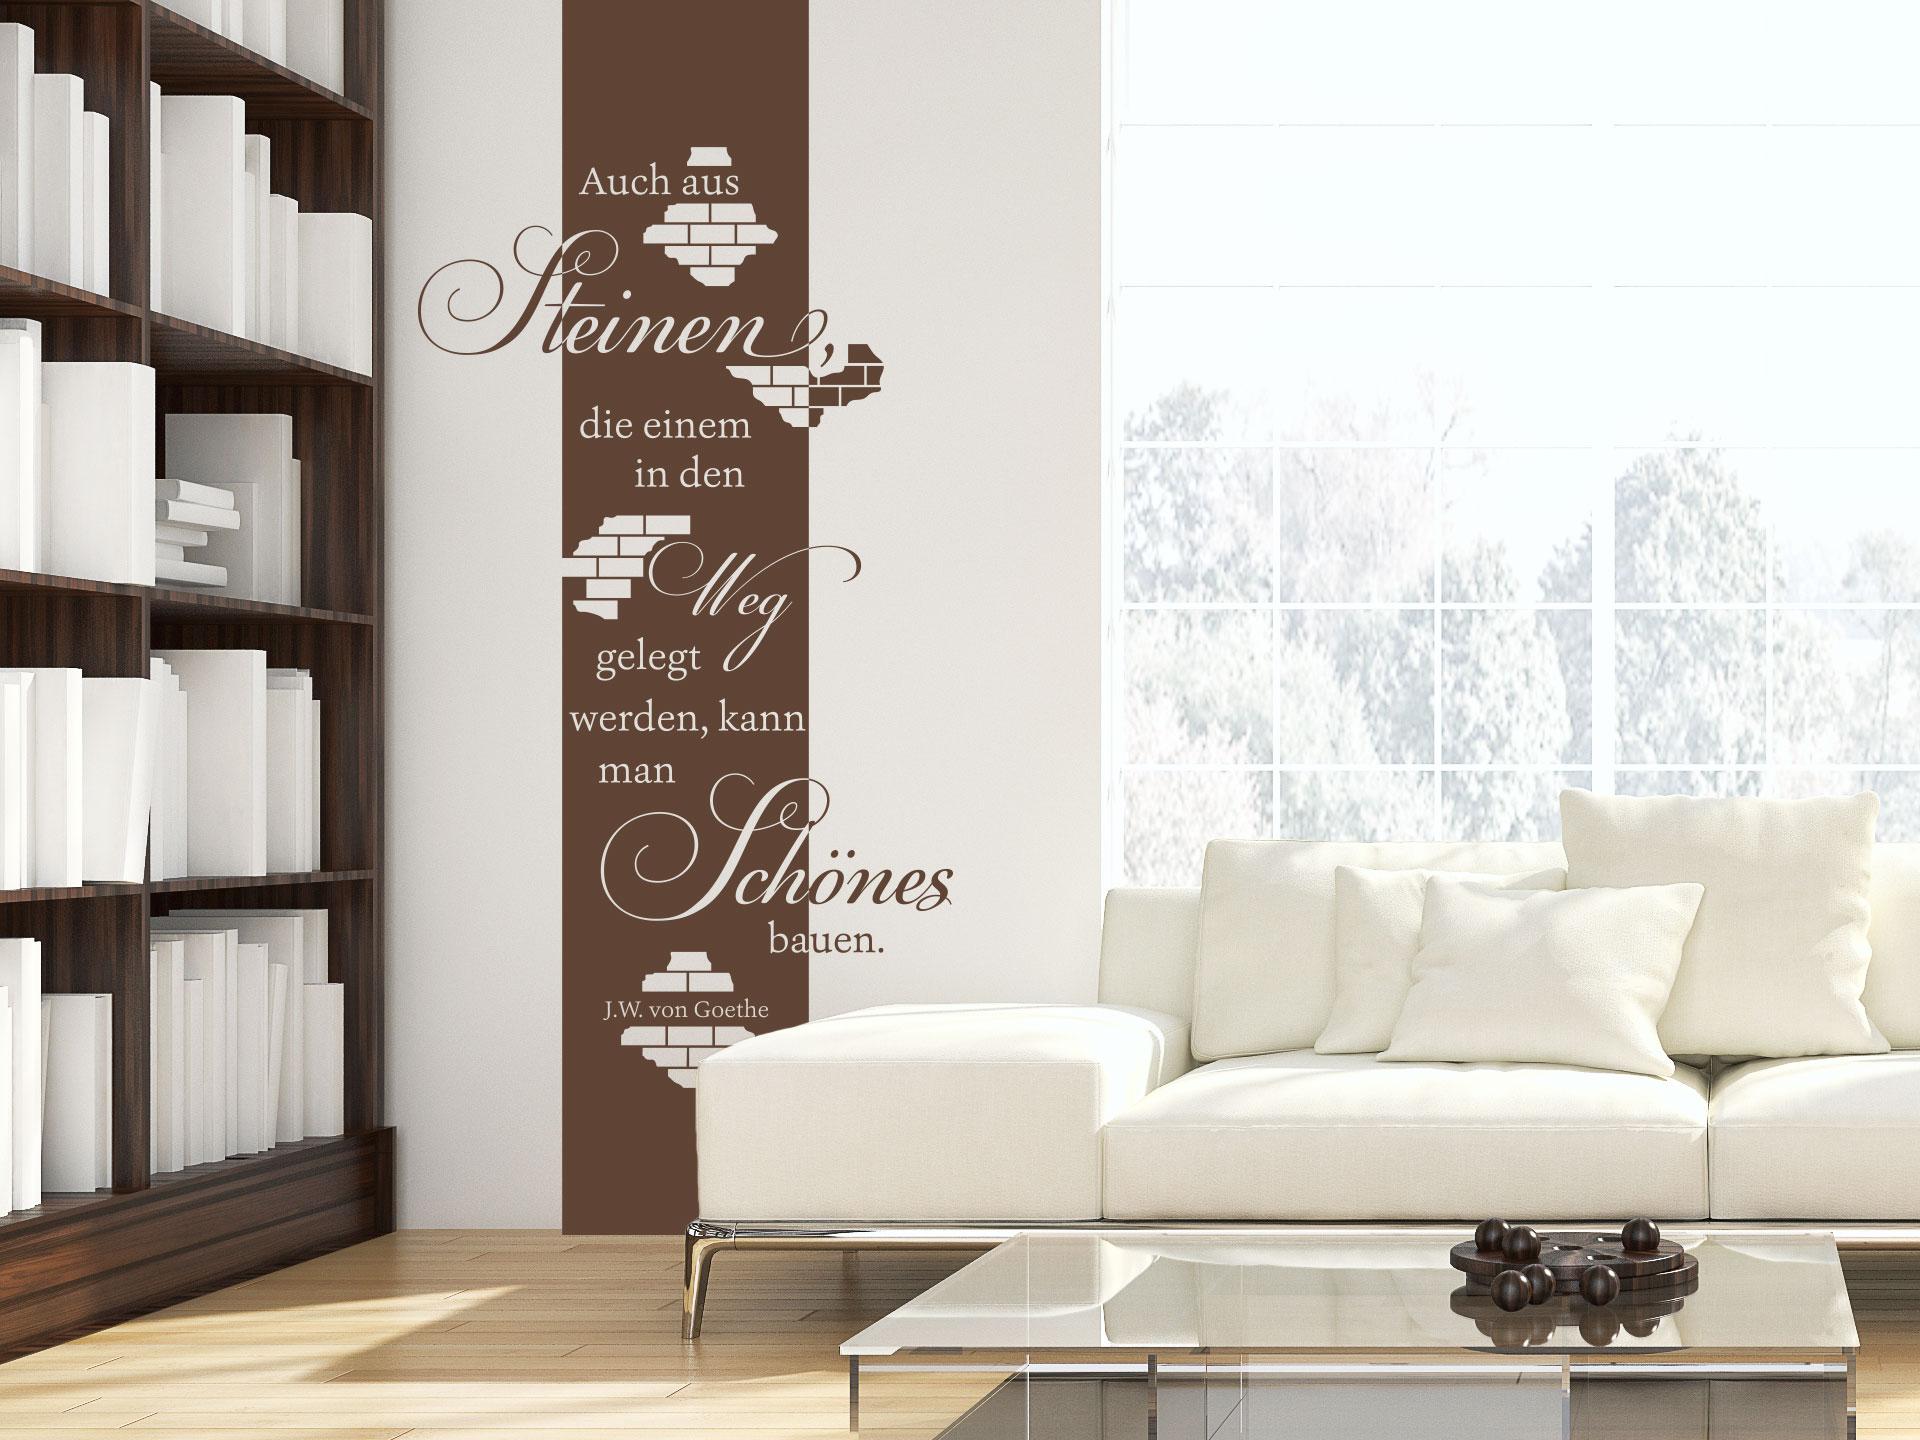 wandtattoo spr che f r schlafzimmer schlafzimmer set alt ideen ikea boxspringbett reinigung von. Black Bedroom Furniture Sets. Home Design Ideas